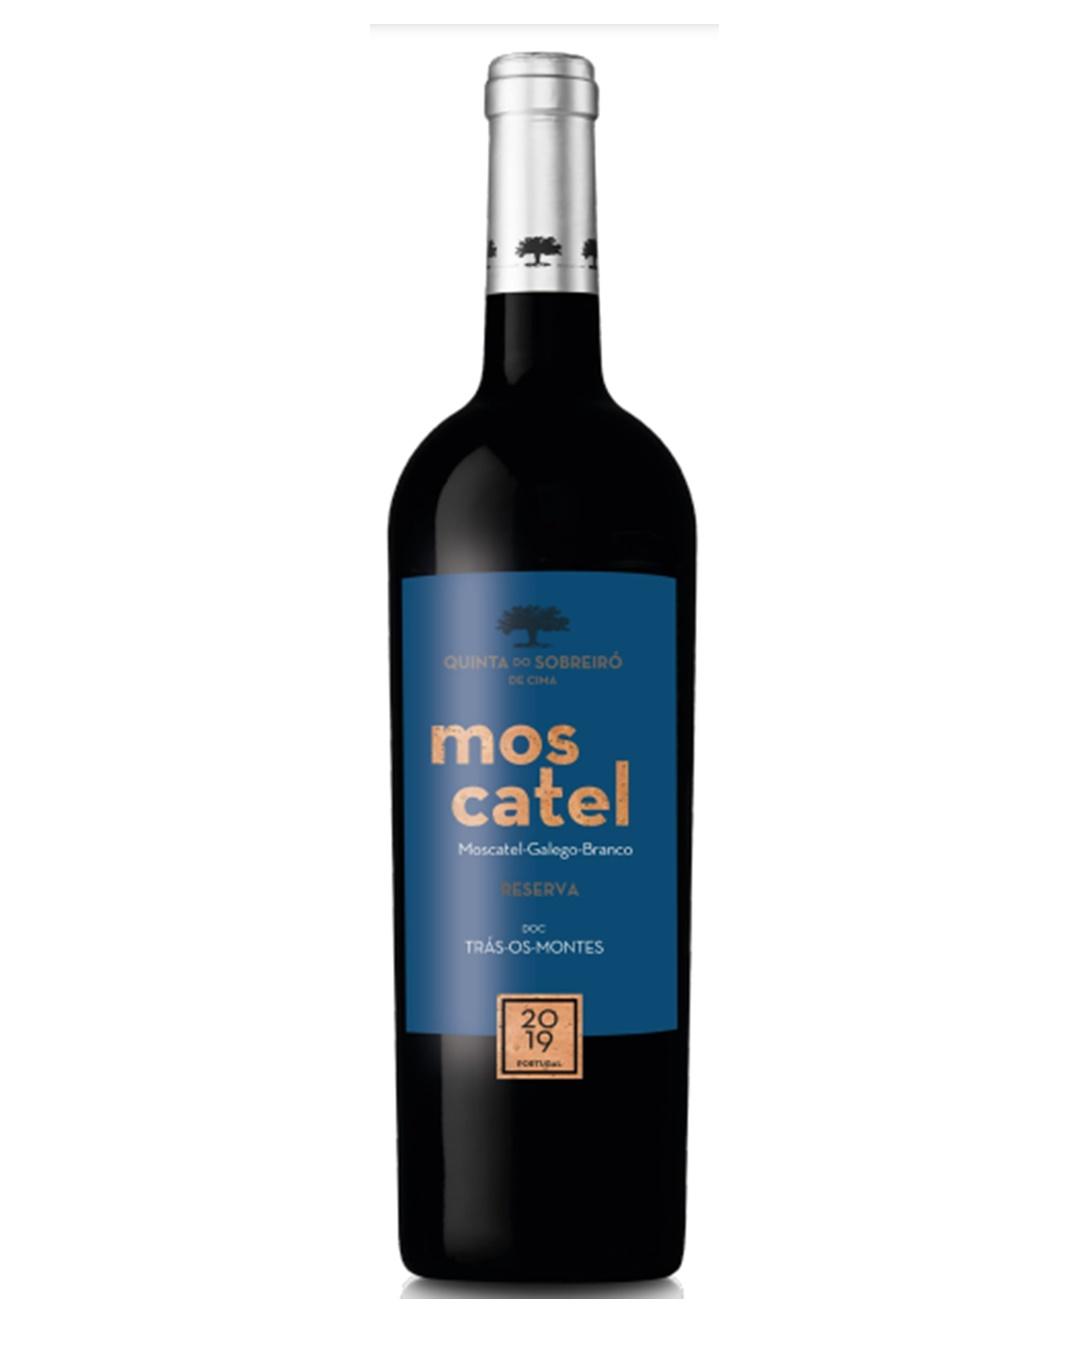 Moscatel Galego Branco 2019